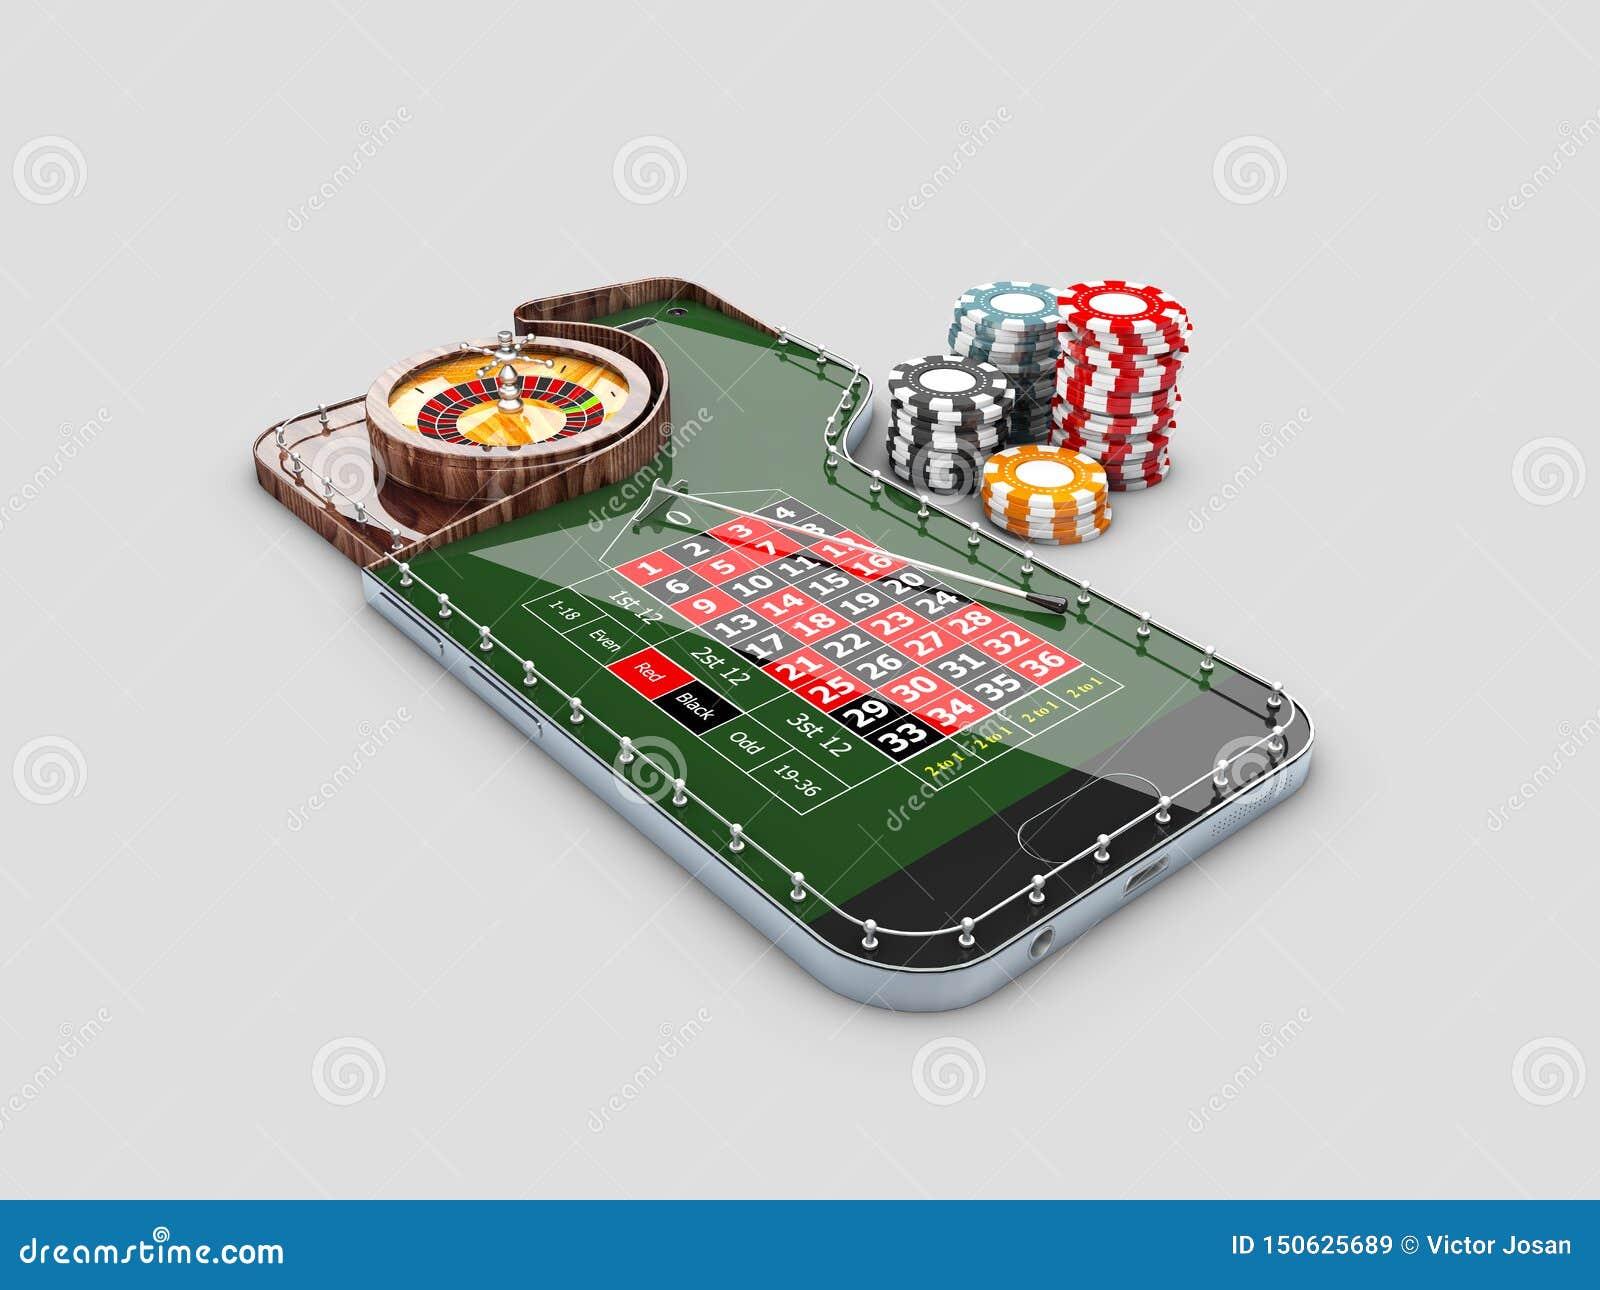 τρισδιάστατη απεικόνιση του ρεαλιστικού πίνακα ρουλετών χαρτοπαικτικών λεσχών, στην τηλεφωνική οθόνη Σε απευθείας σύνδεση έννοια